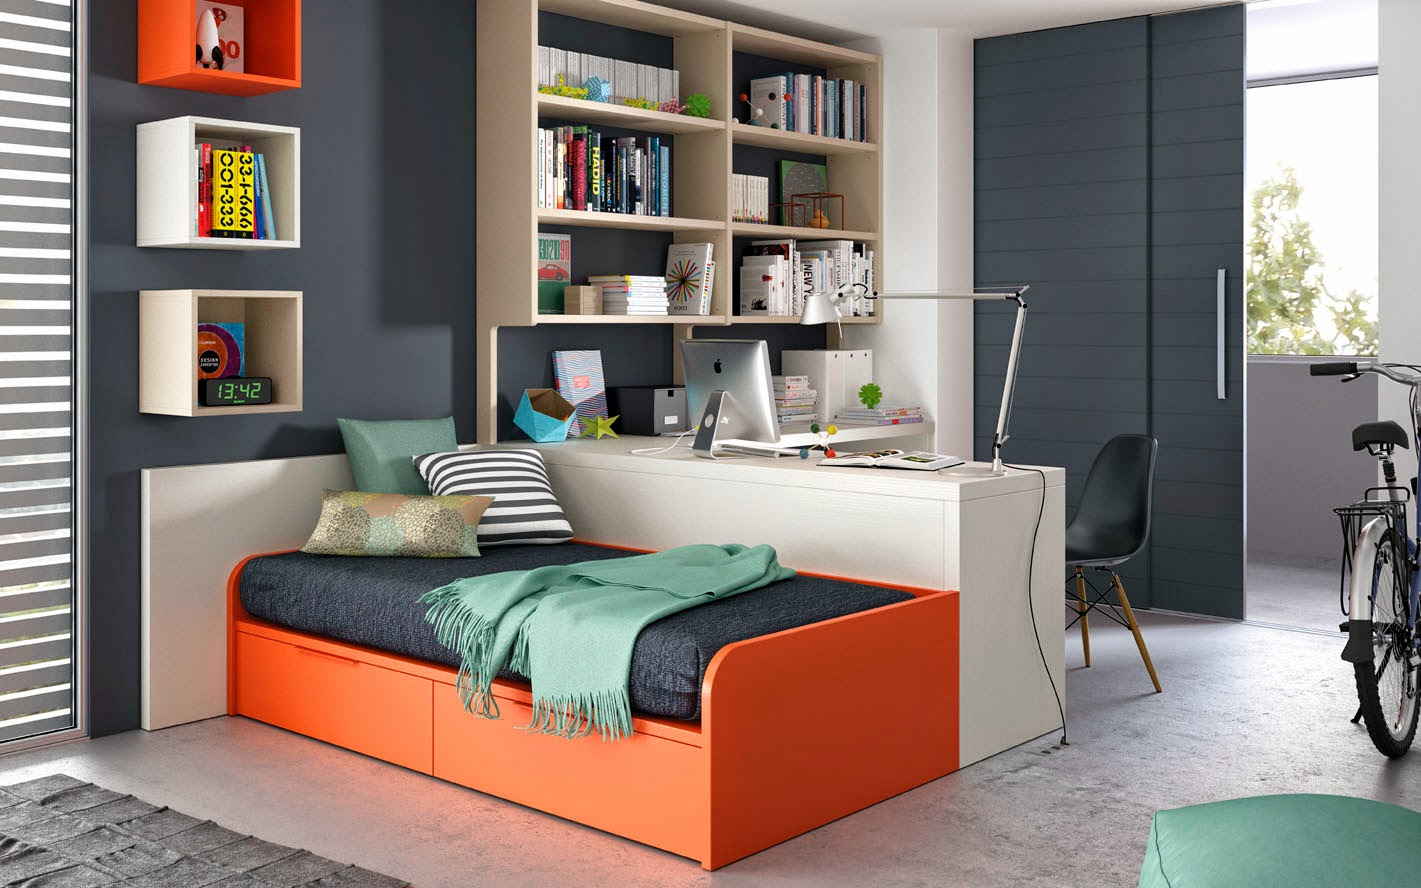 dormitorio juvenil naranja y blanco con cama nido